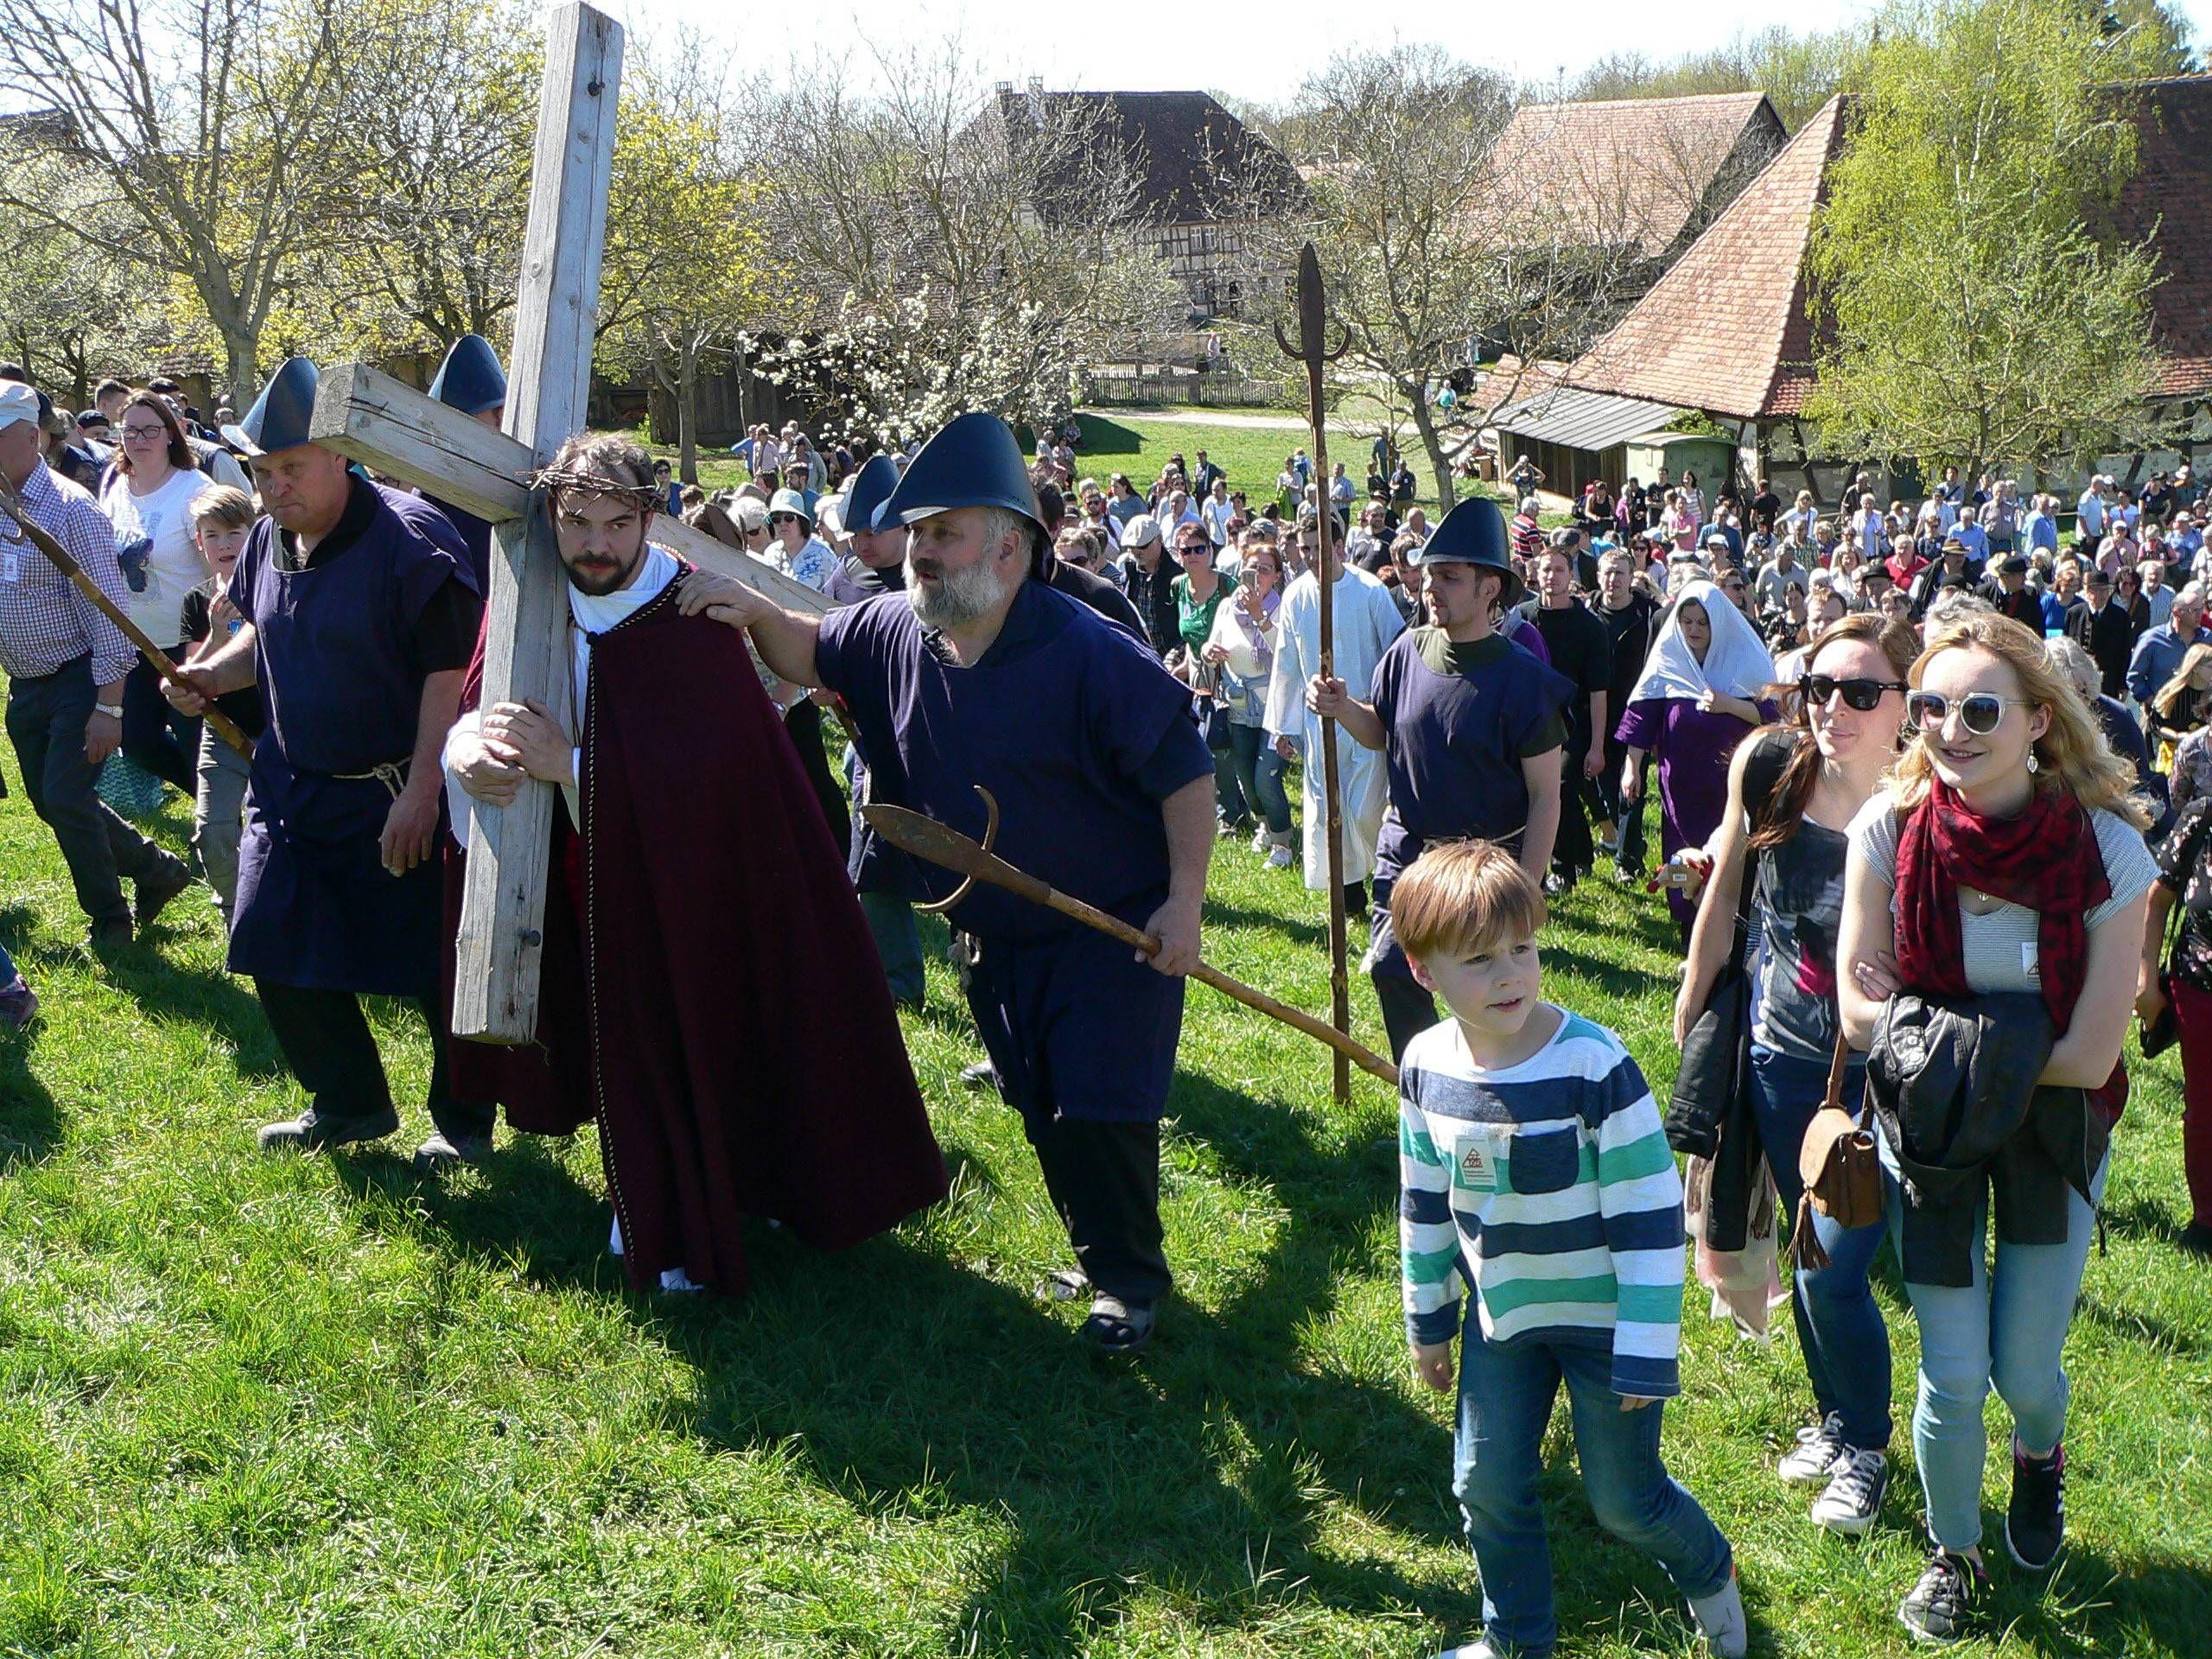 Das Publikum beim Passionsspiel im Fränkischen Freilandmuseum geht gemeinsam mit Christus den Kreuzweg.